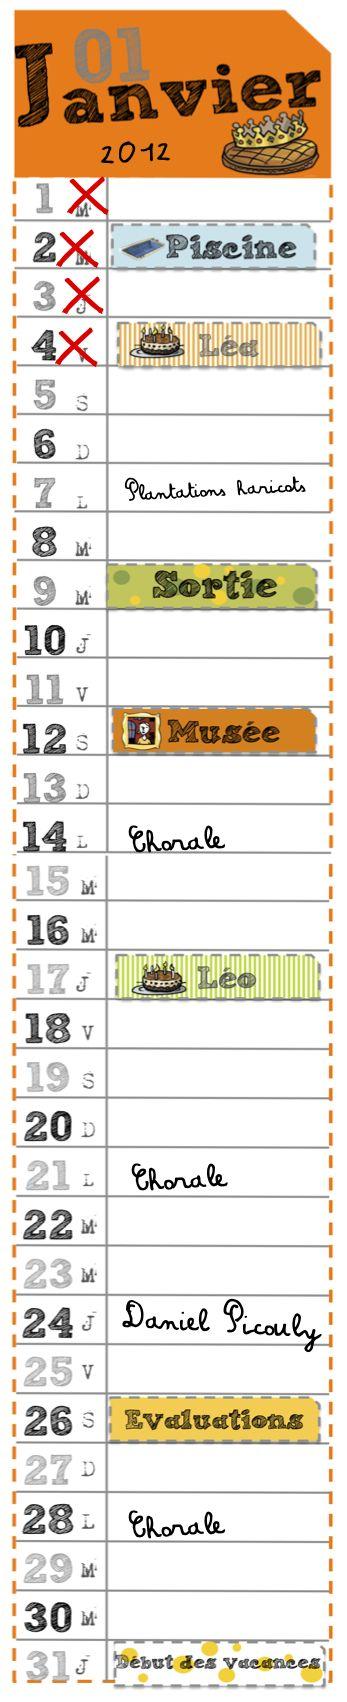 Calendriers 1 mois par page A4, sympas mais les jours ne sont indiqués que par l'initiale, ce qui ne va pas pour les petits, dommage !!!